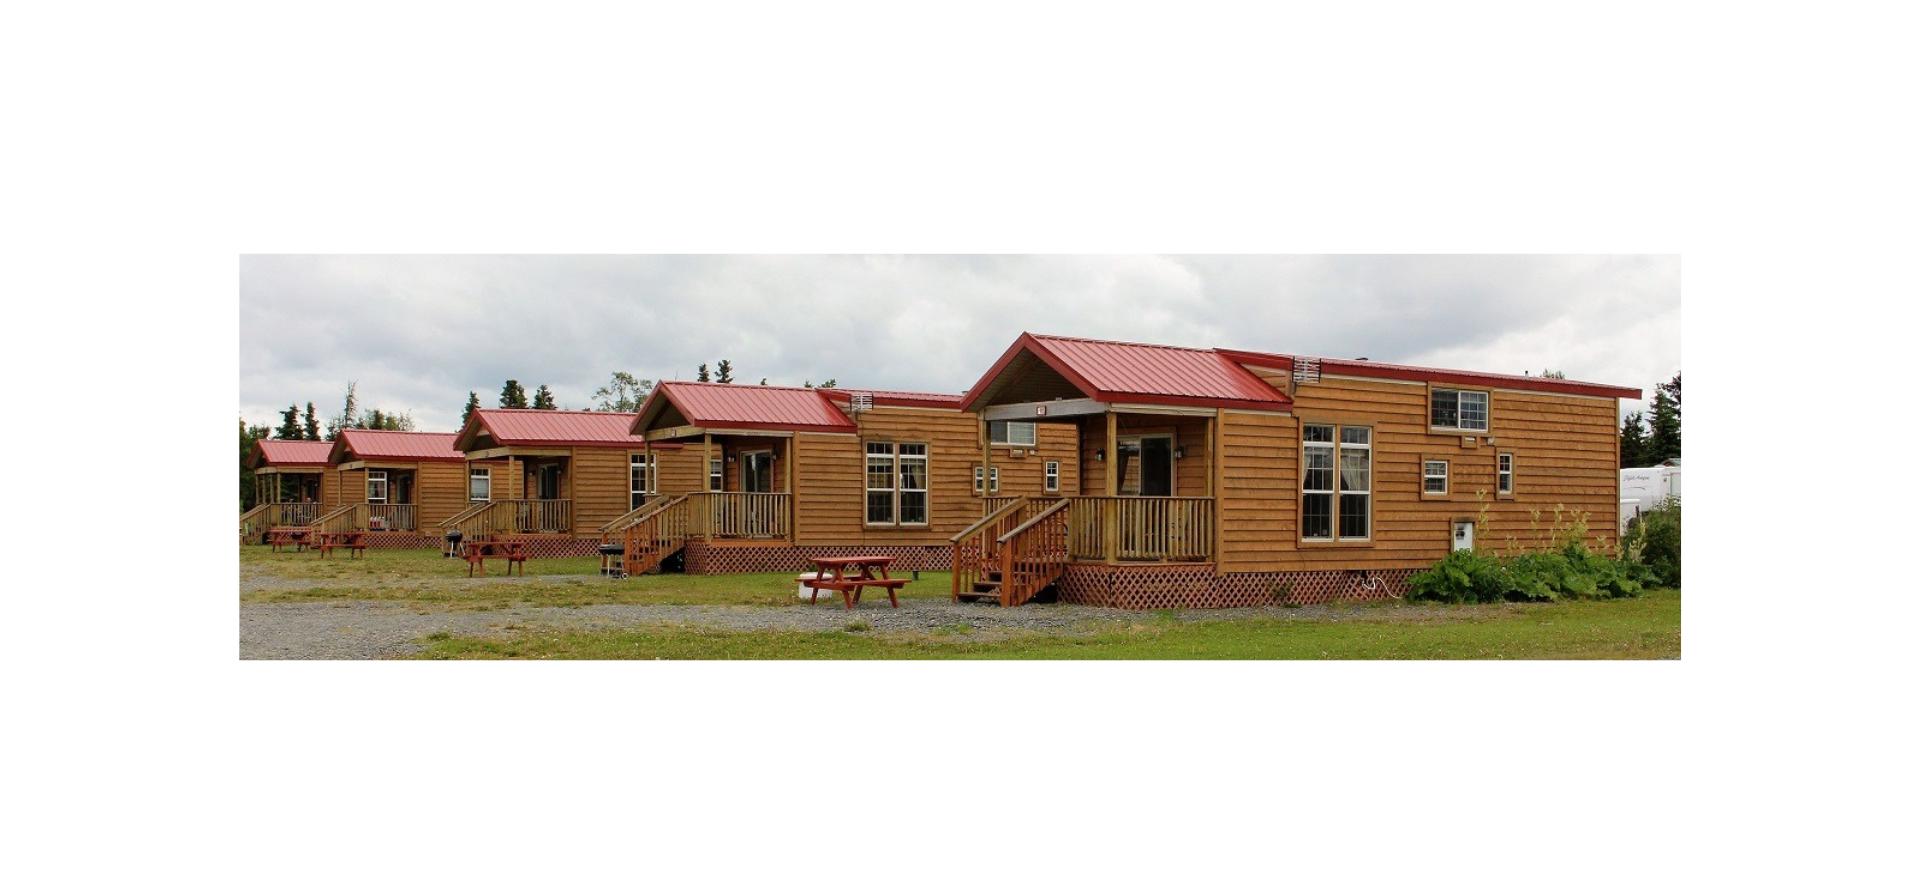 Alaskan Angler RV Resort & Cabins